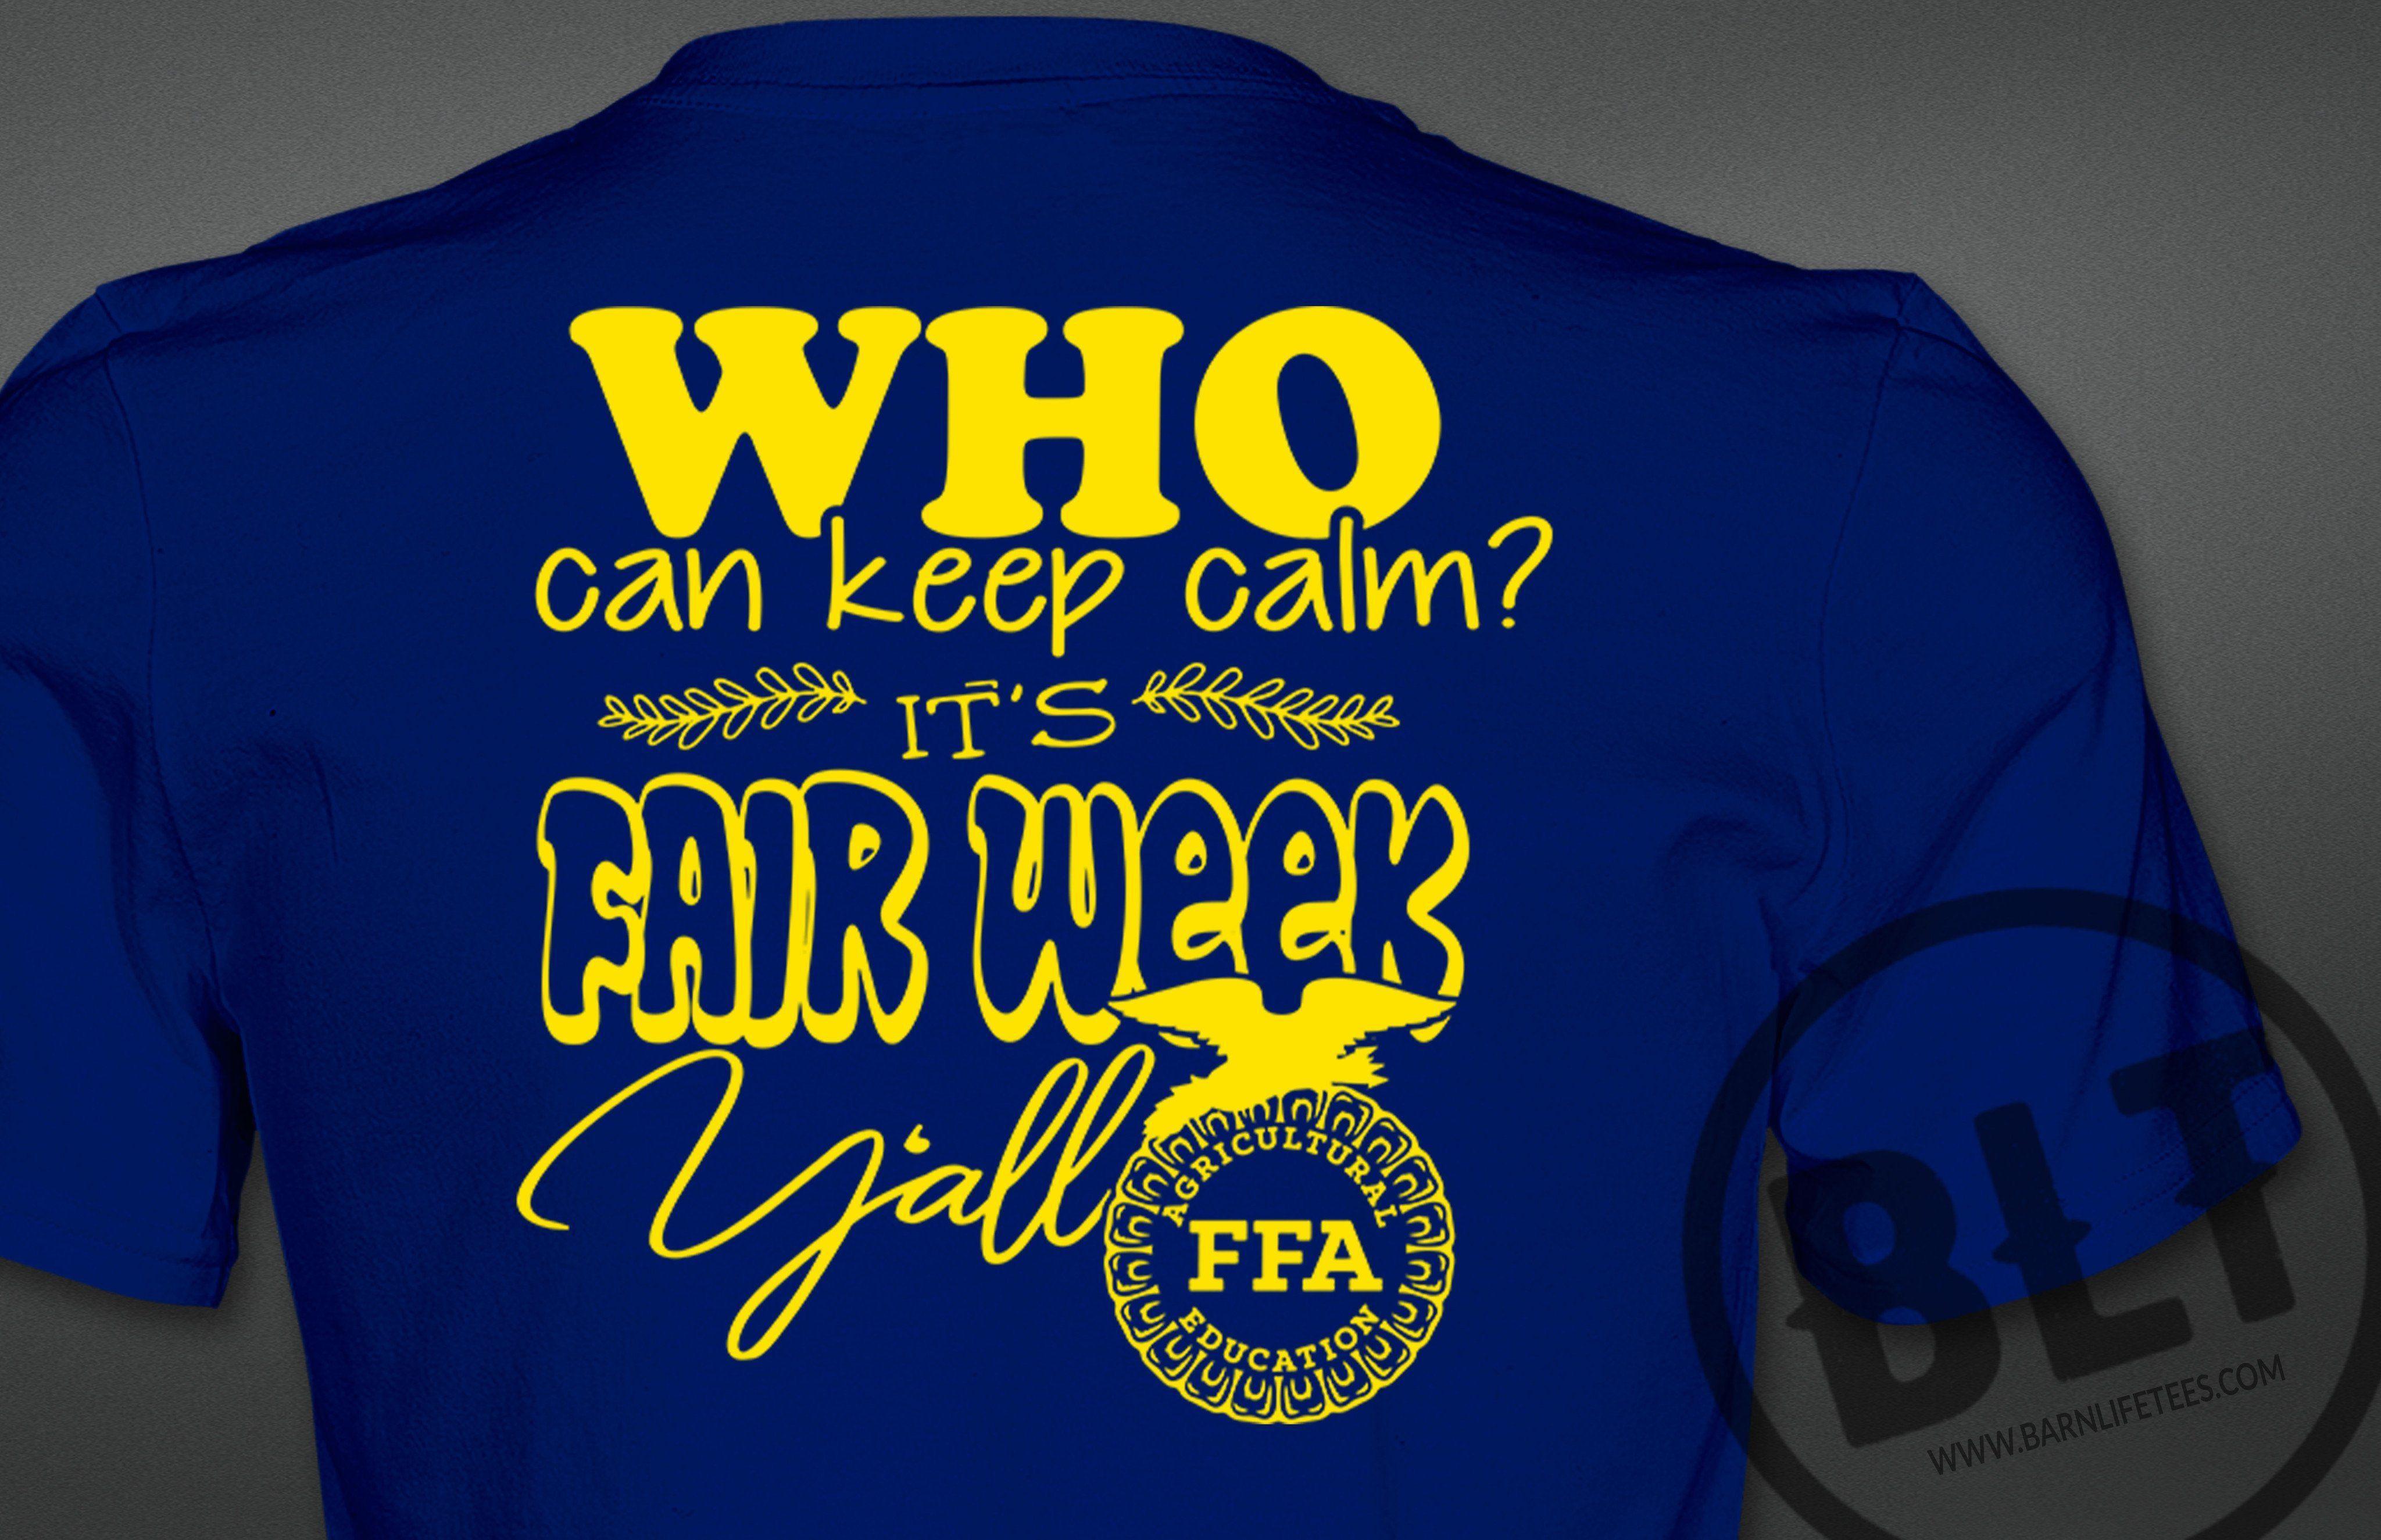 Fair Week Ffa